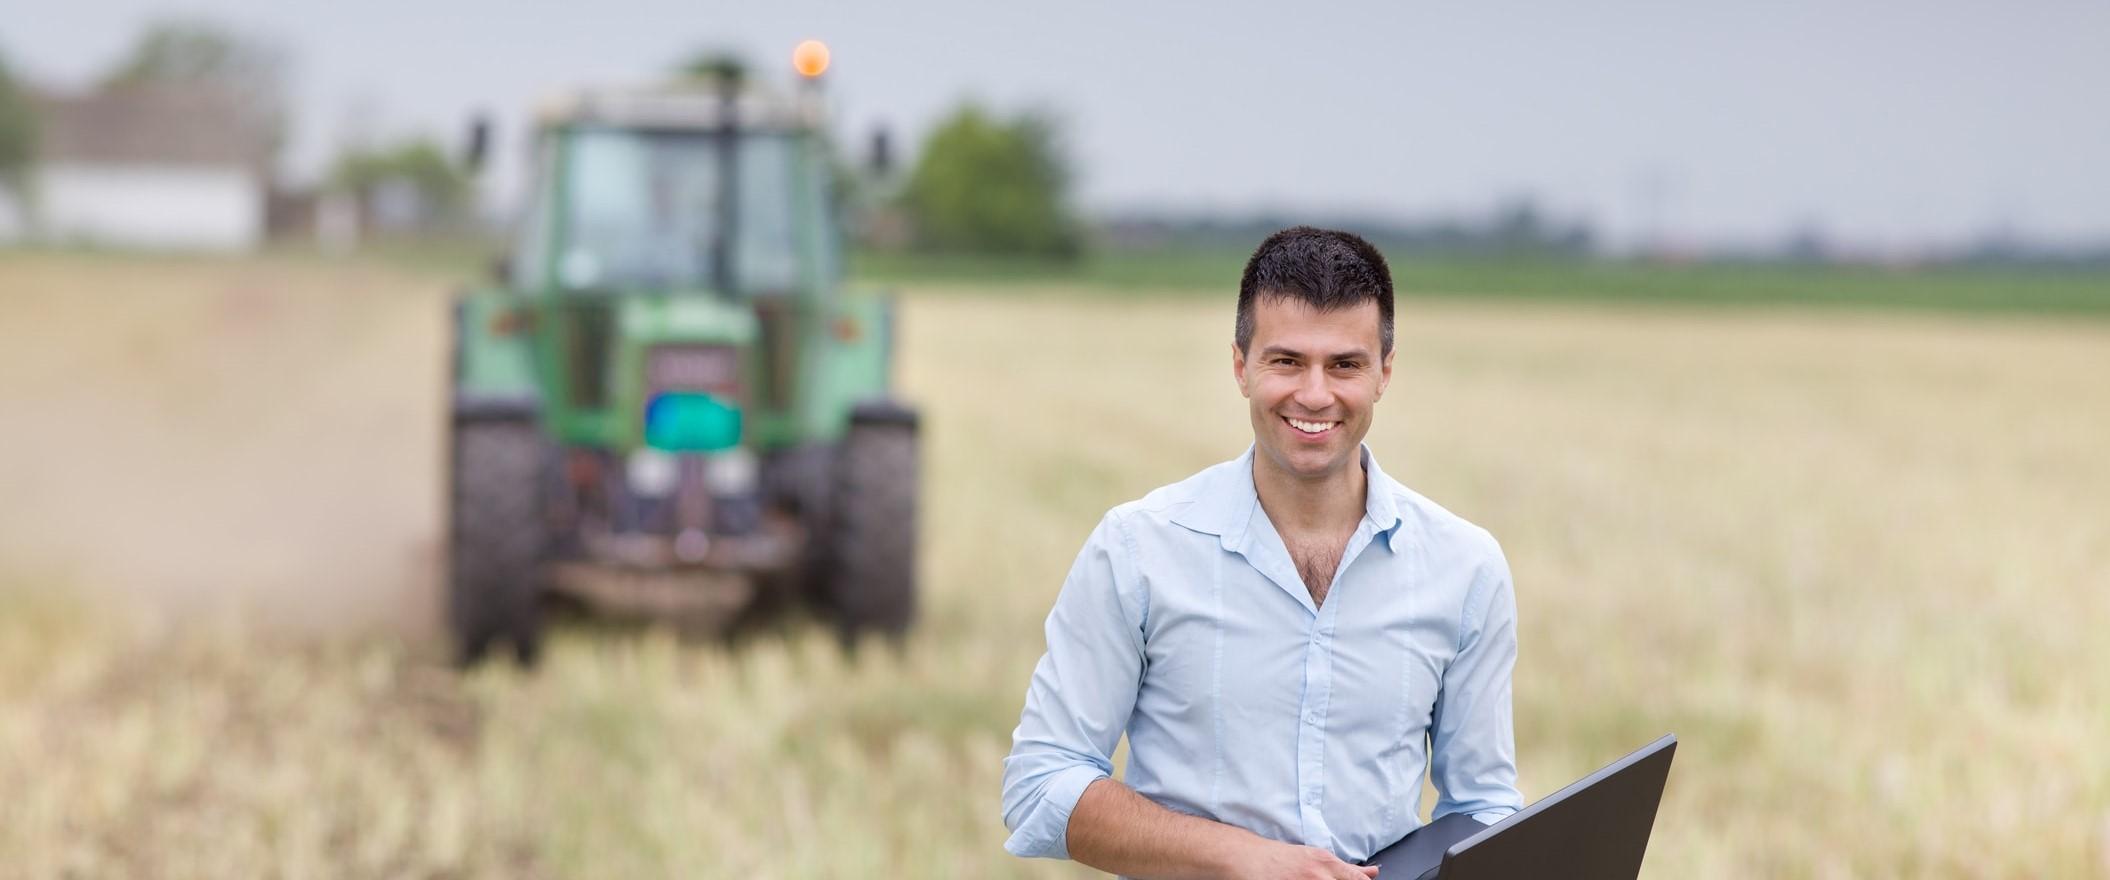 Assicurazione rc professionale dottore agronomo, dottore forestale, agrotecnico